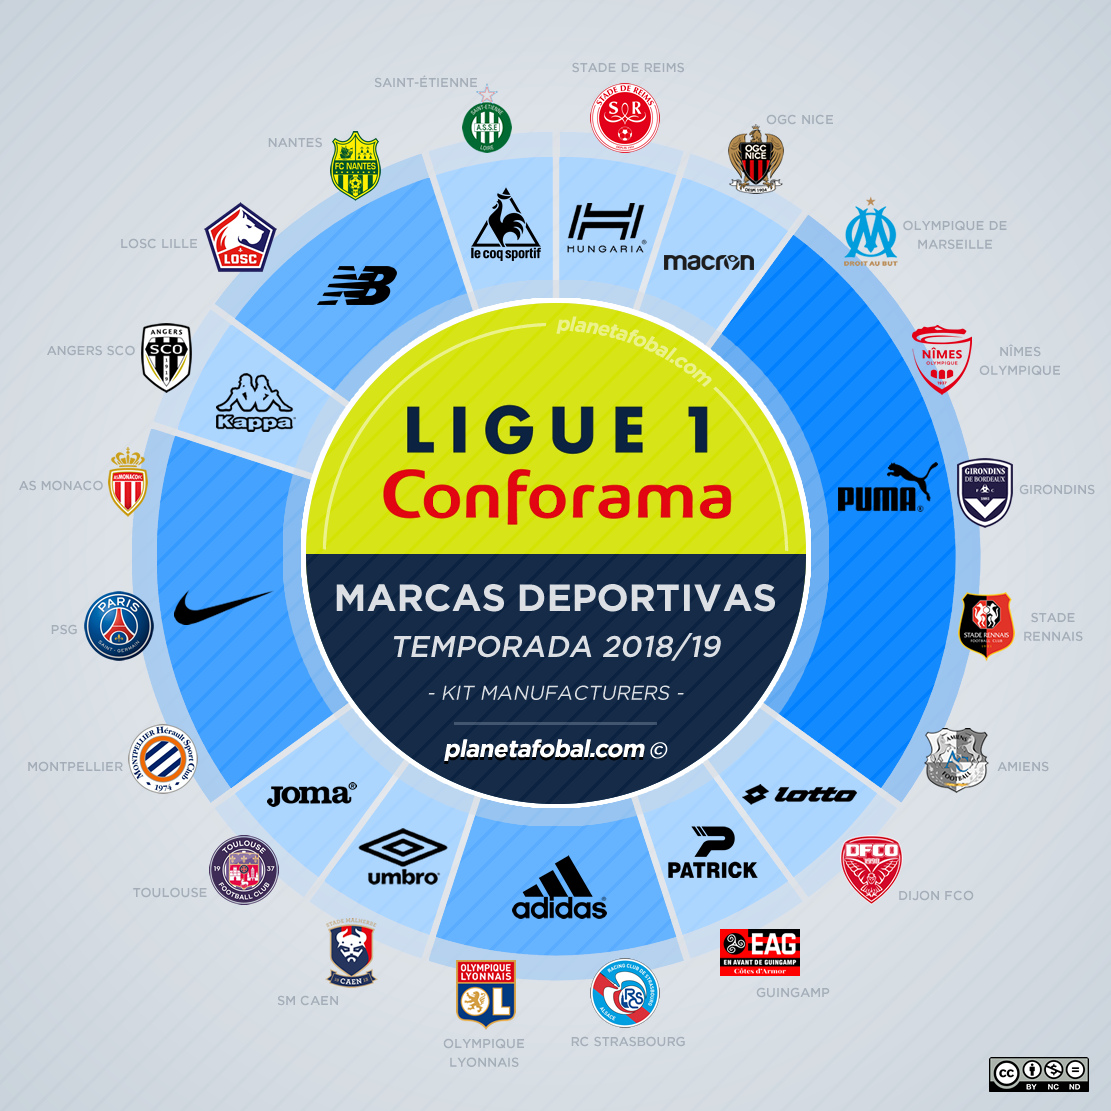 As fabricantes esportivas no Campeonato Francês 2018 19 - Show de ... 1cb51c879faee